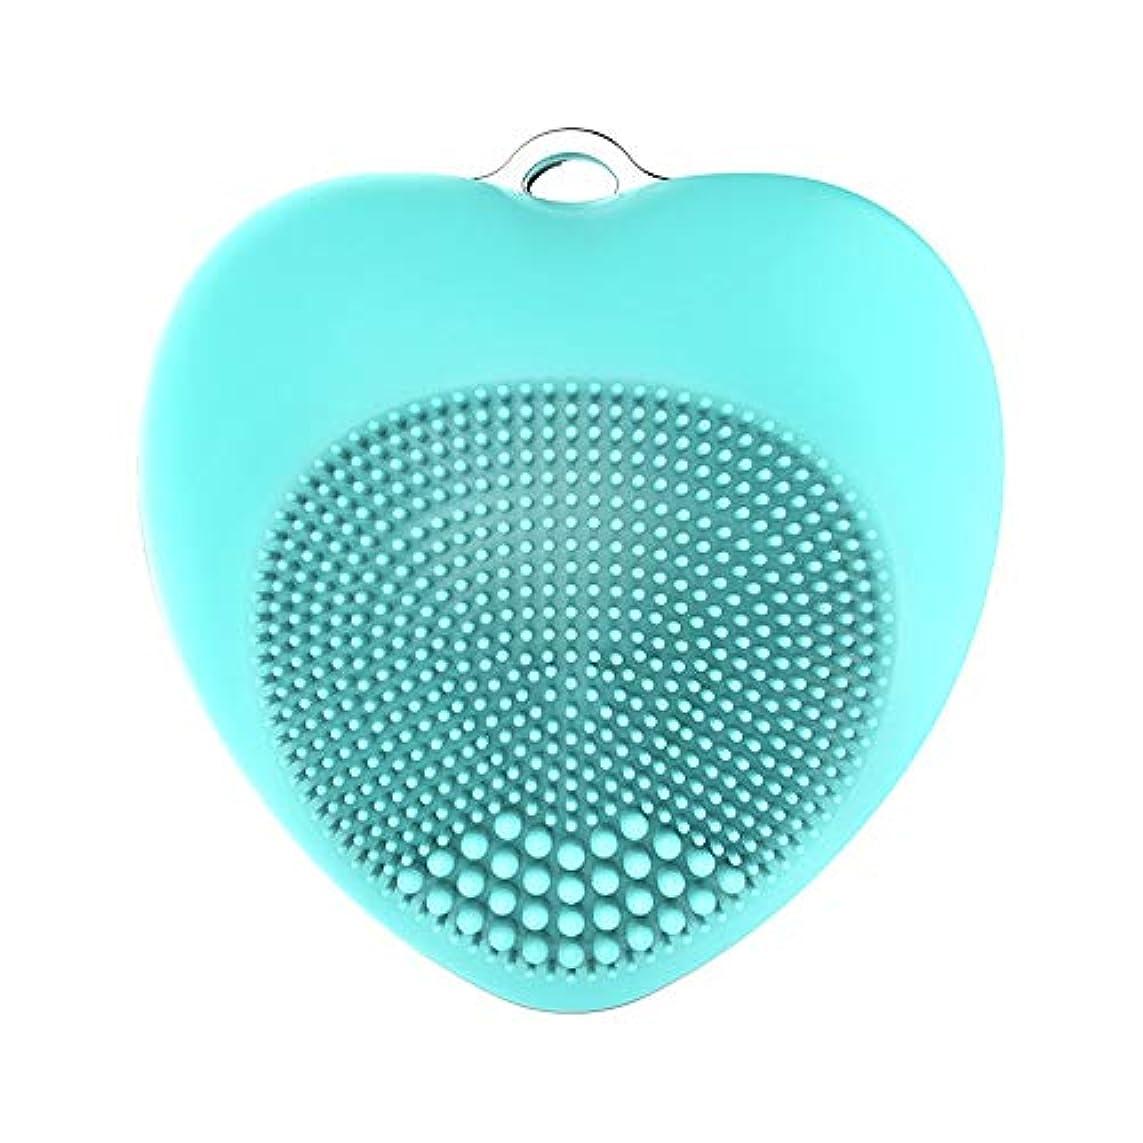 する必要があるより平らな摂氏LYX 新シリコーンクレンジング器、電気美容機器、毛穴クレンジングブラックヘッドウォッシュブラシ、超音波洗顔マッサージツール (Color : 青)